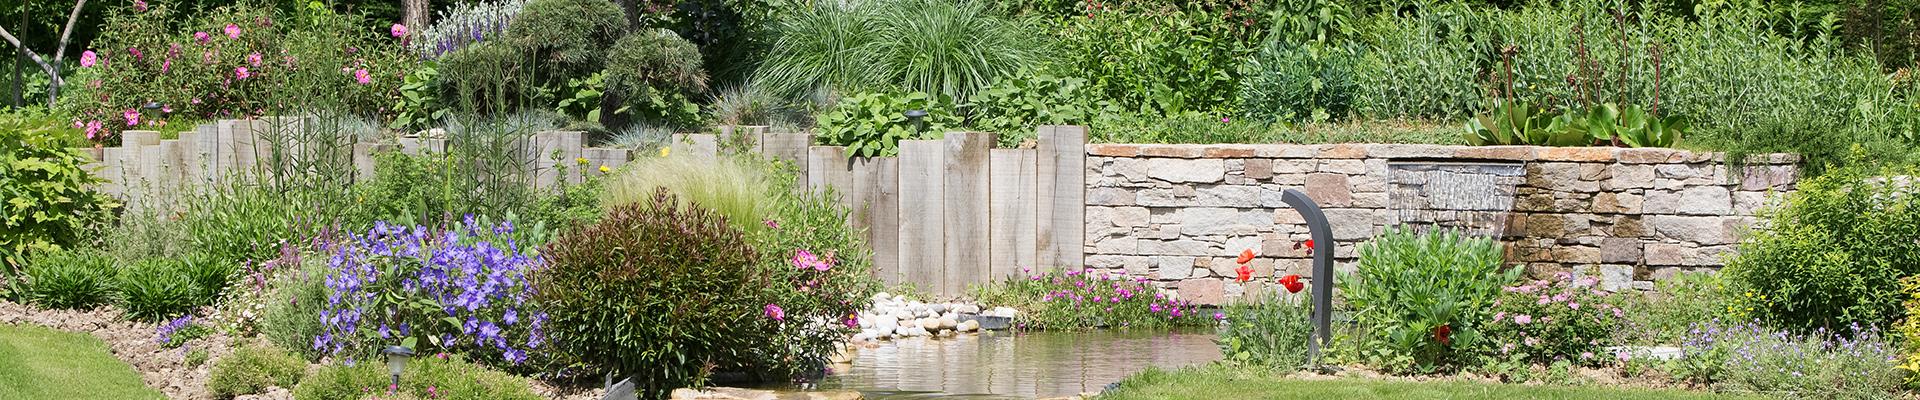 Entreprise du paysage, Serrault Jardins vous propose la création complète de votre jardin.